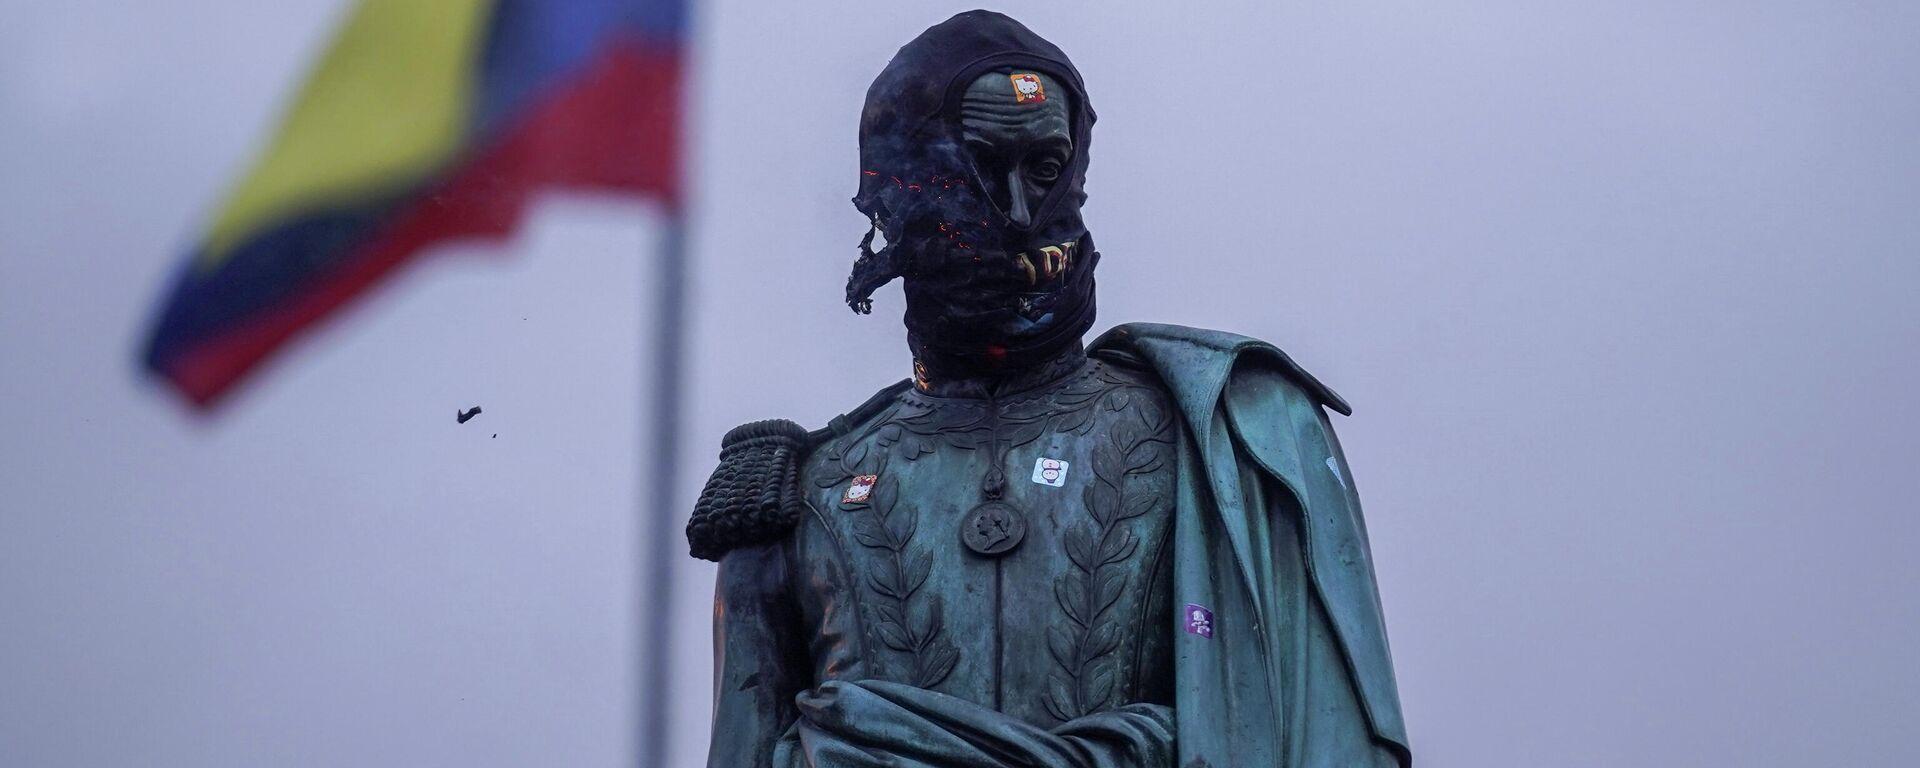 Estatua de Simón Bolívar durante las protestas contra el Gobierno de Colombia - Sputnik Mundo, 1920, 17.05.2021